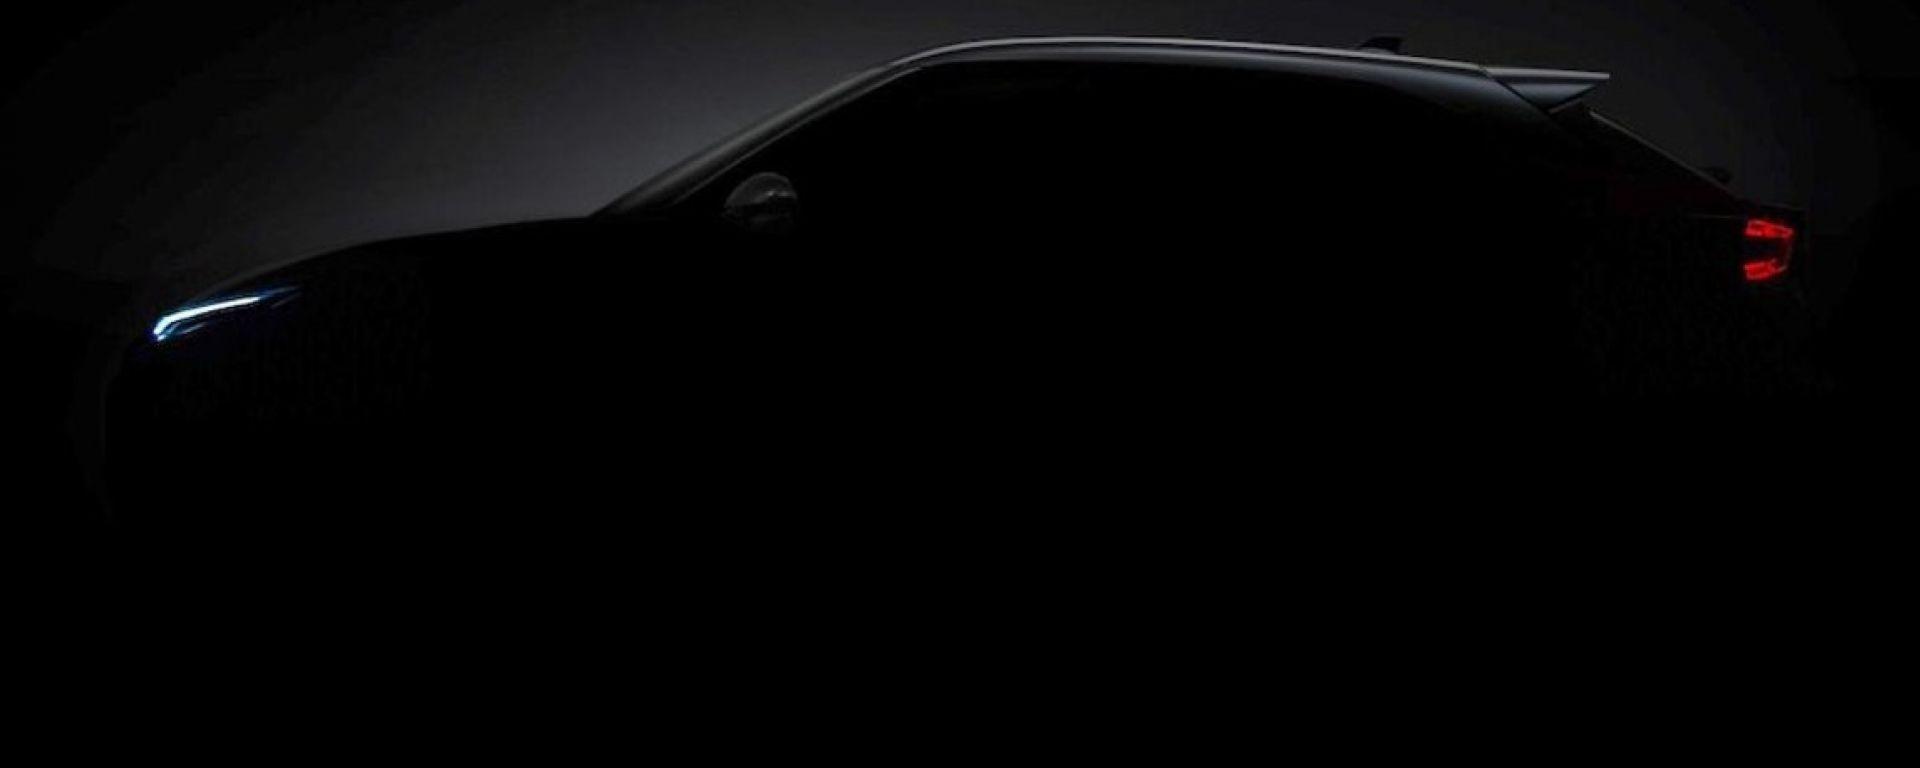 Nuova Nissan Juke 2020: a settembre anche ibrida plug-in